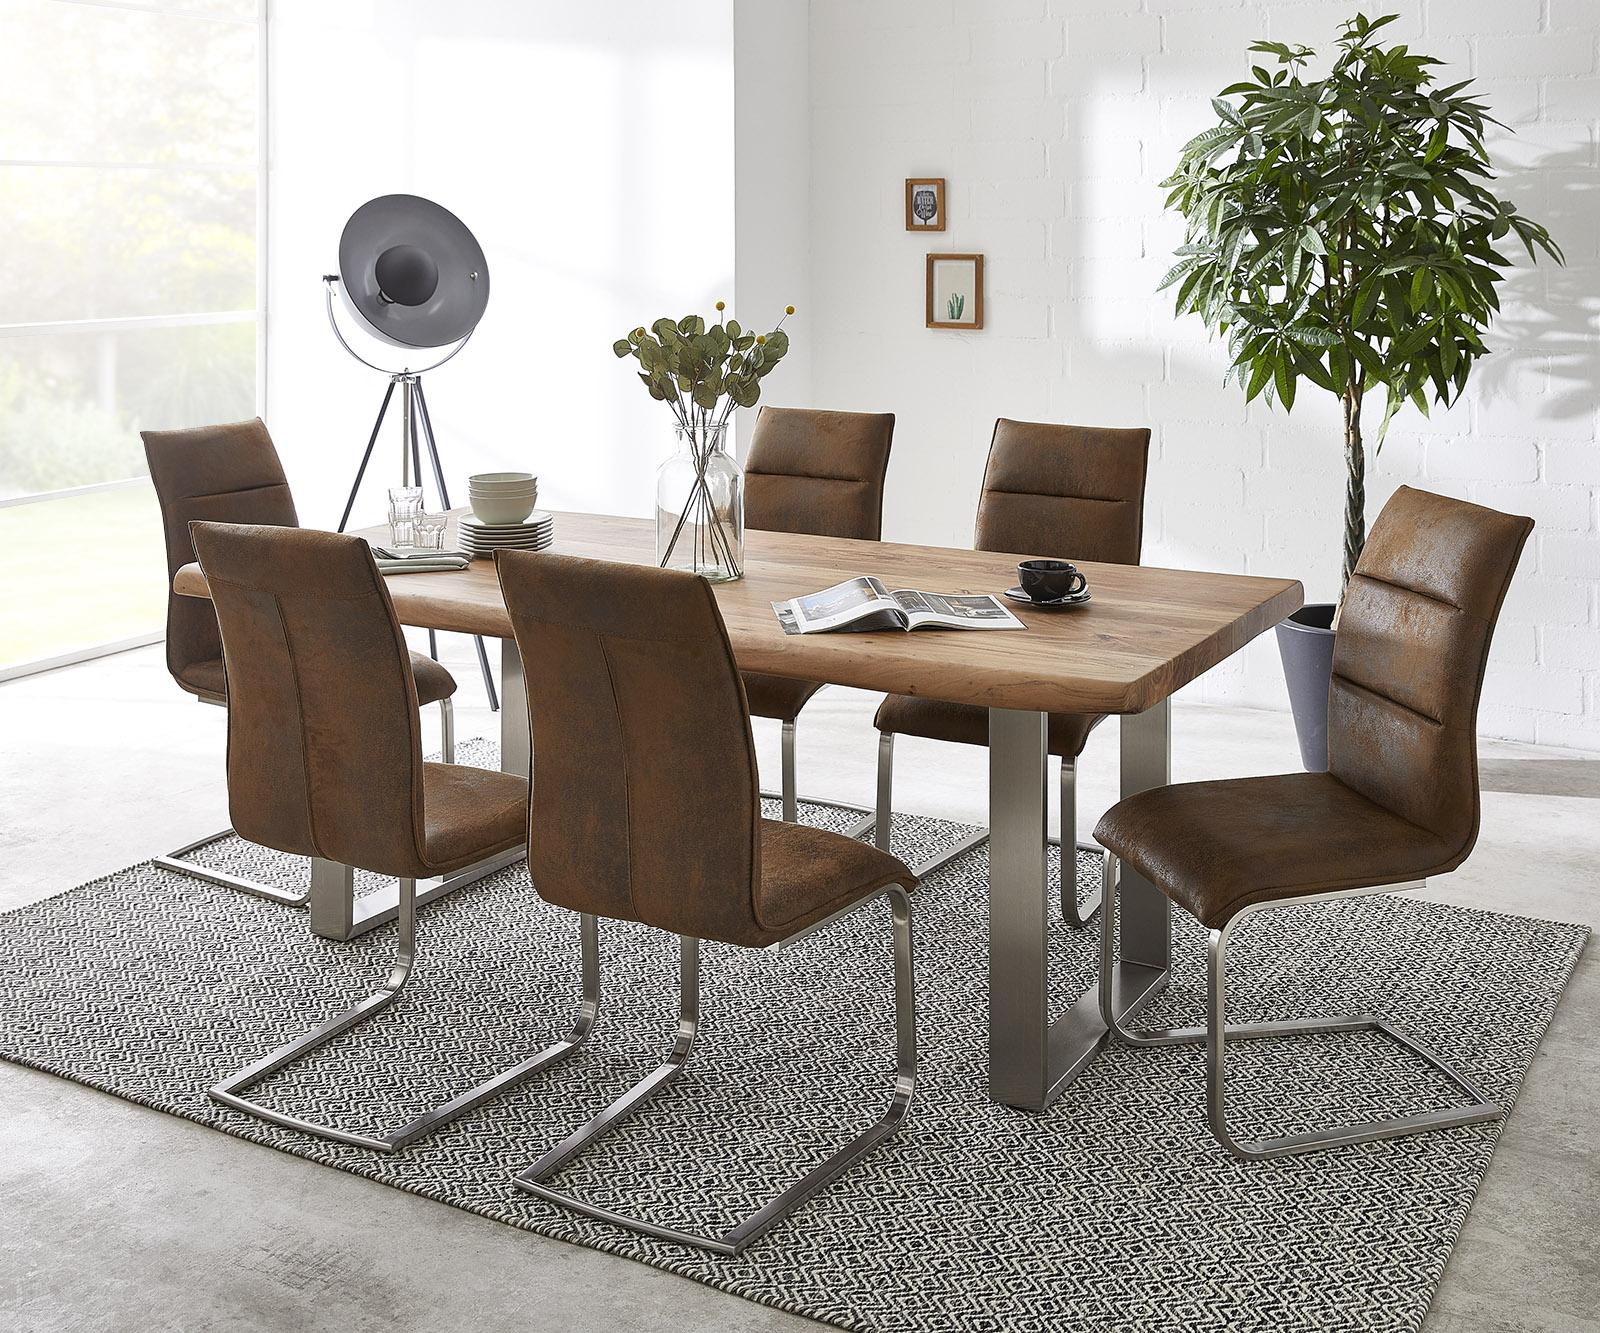 Esstischgruppe Live-Edge Natur 200x100 Natur + 6 Stühle